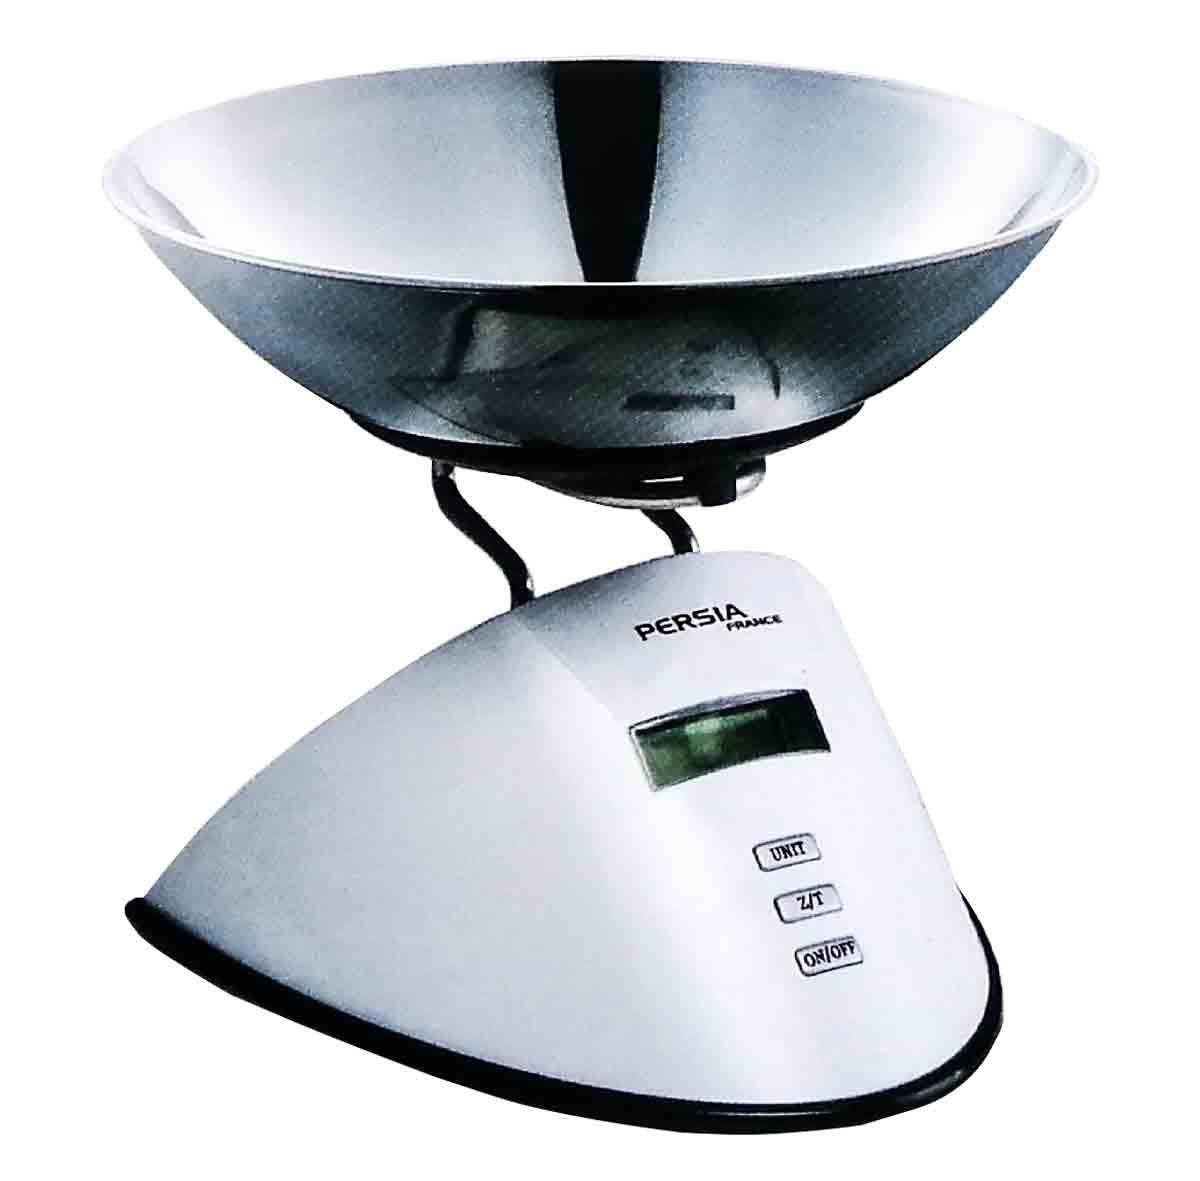 ترازو آشپزخانه پرشیا فرانس مدل PR-4052